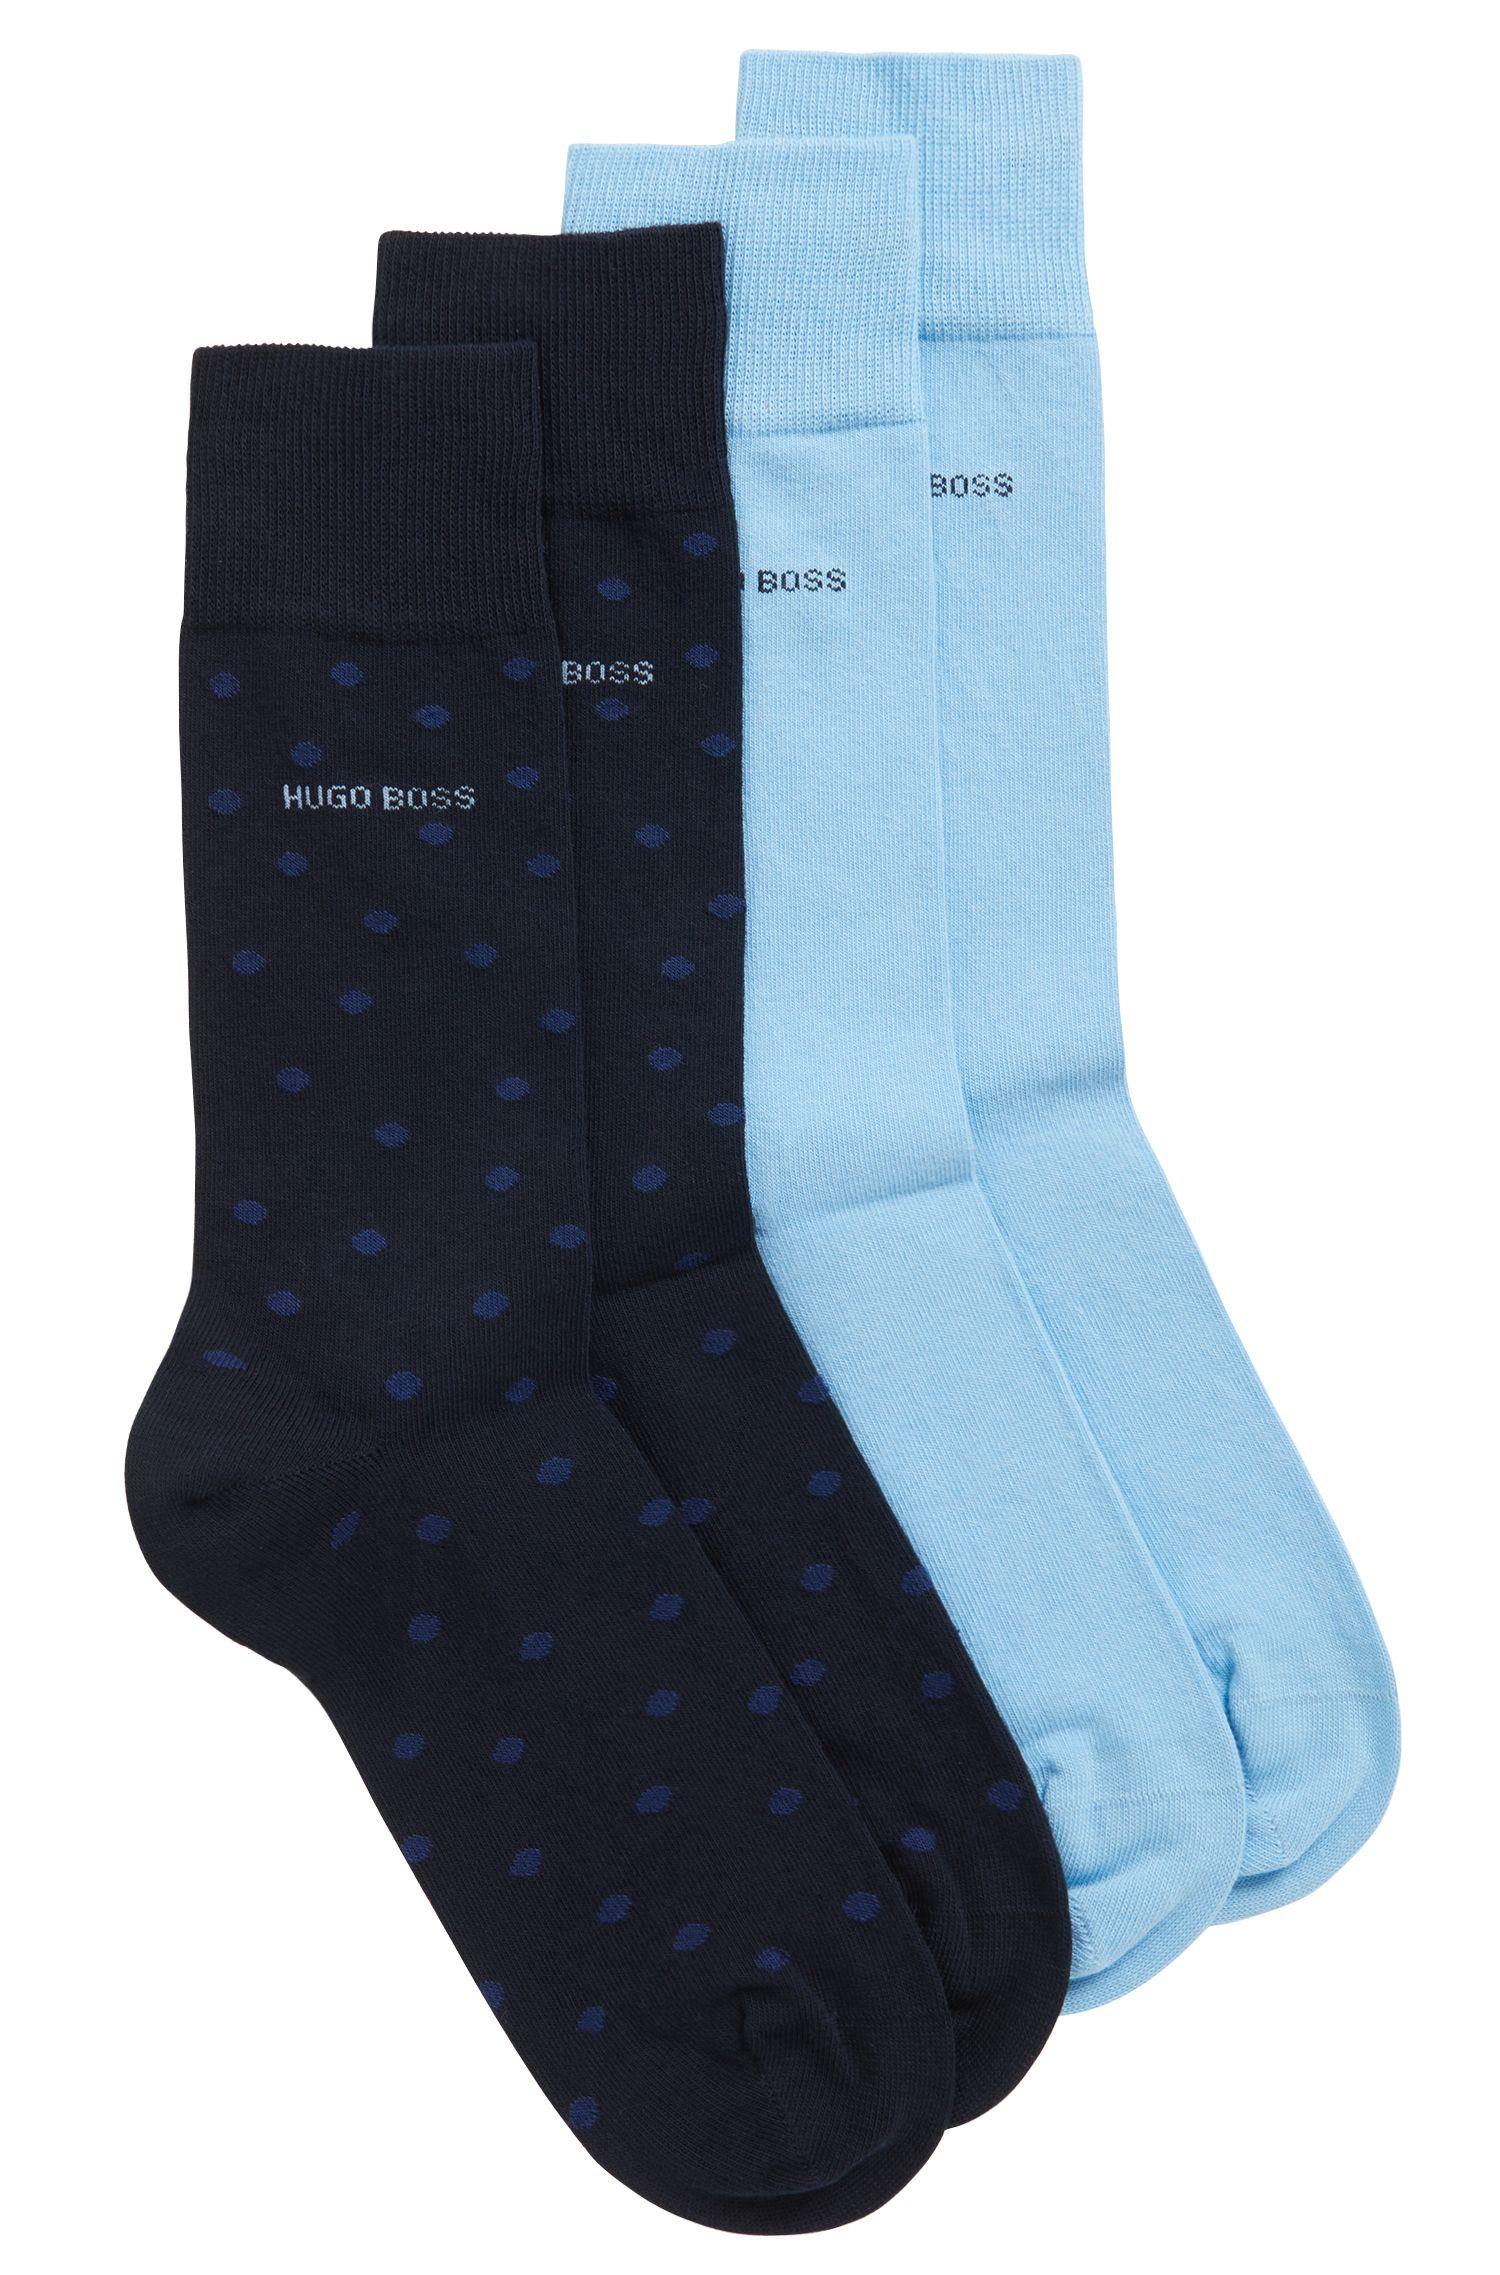 Mittelhohe Socken aus elastischem Baumwoll-Mix im Zweier-Pack, Dunkelblau